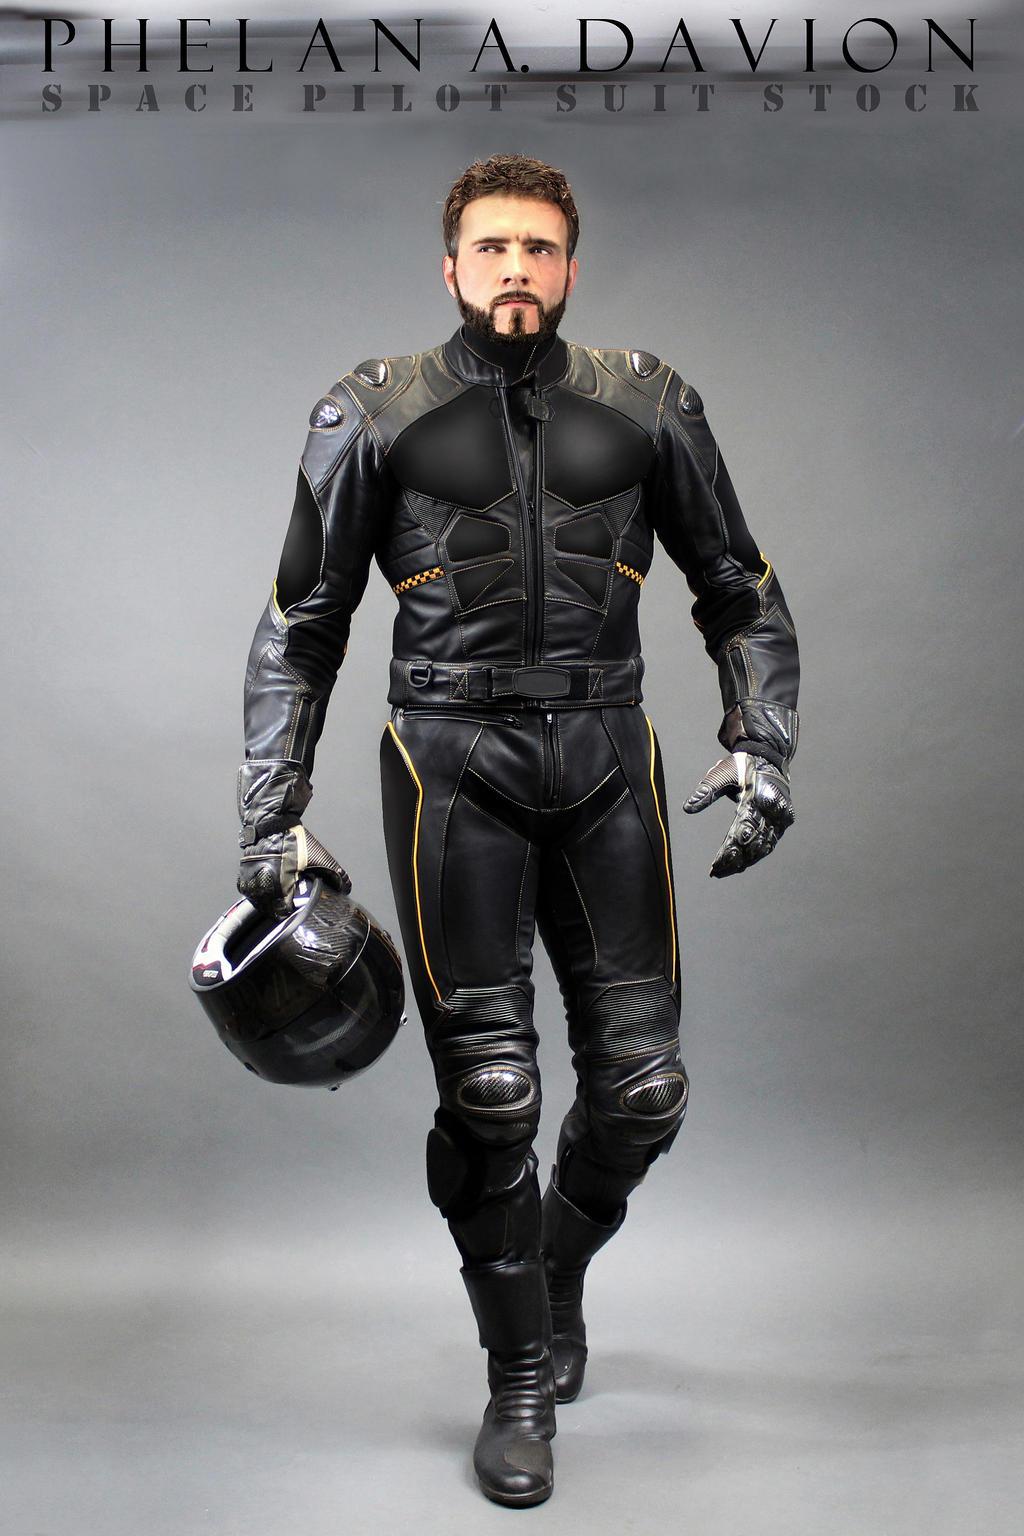 Space Pilot Suit STOCK VI